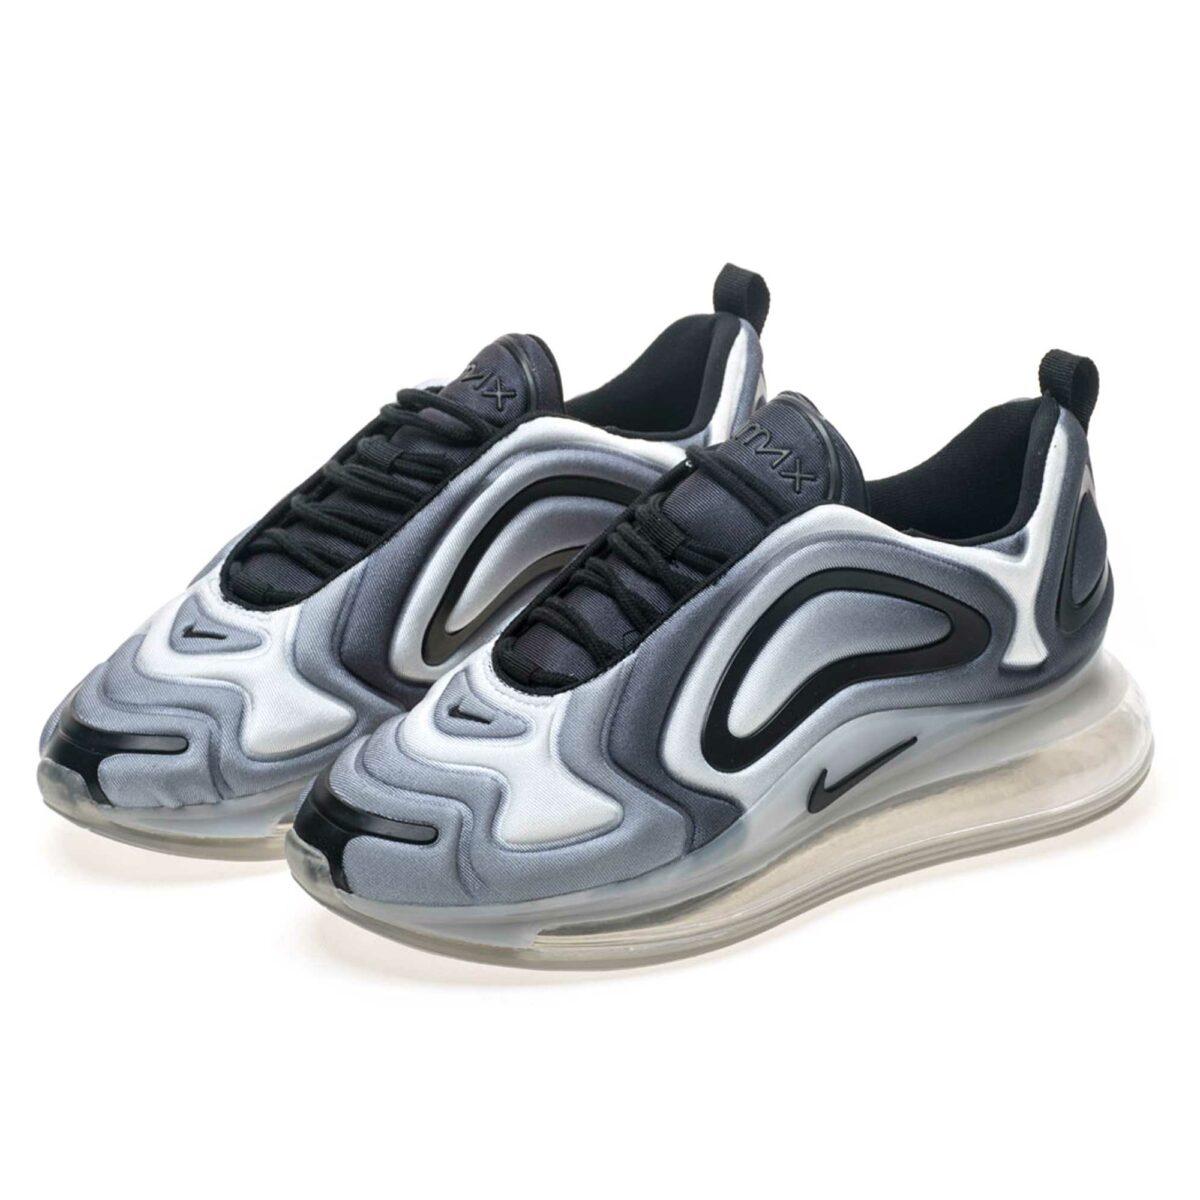 nike air max 720 carbone grey blackAR9293_002 купить